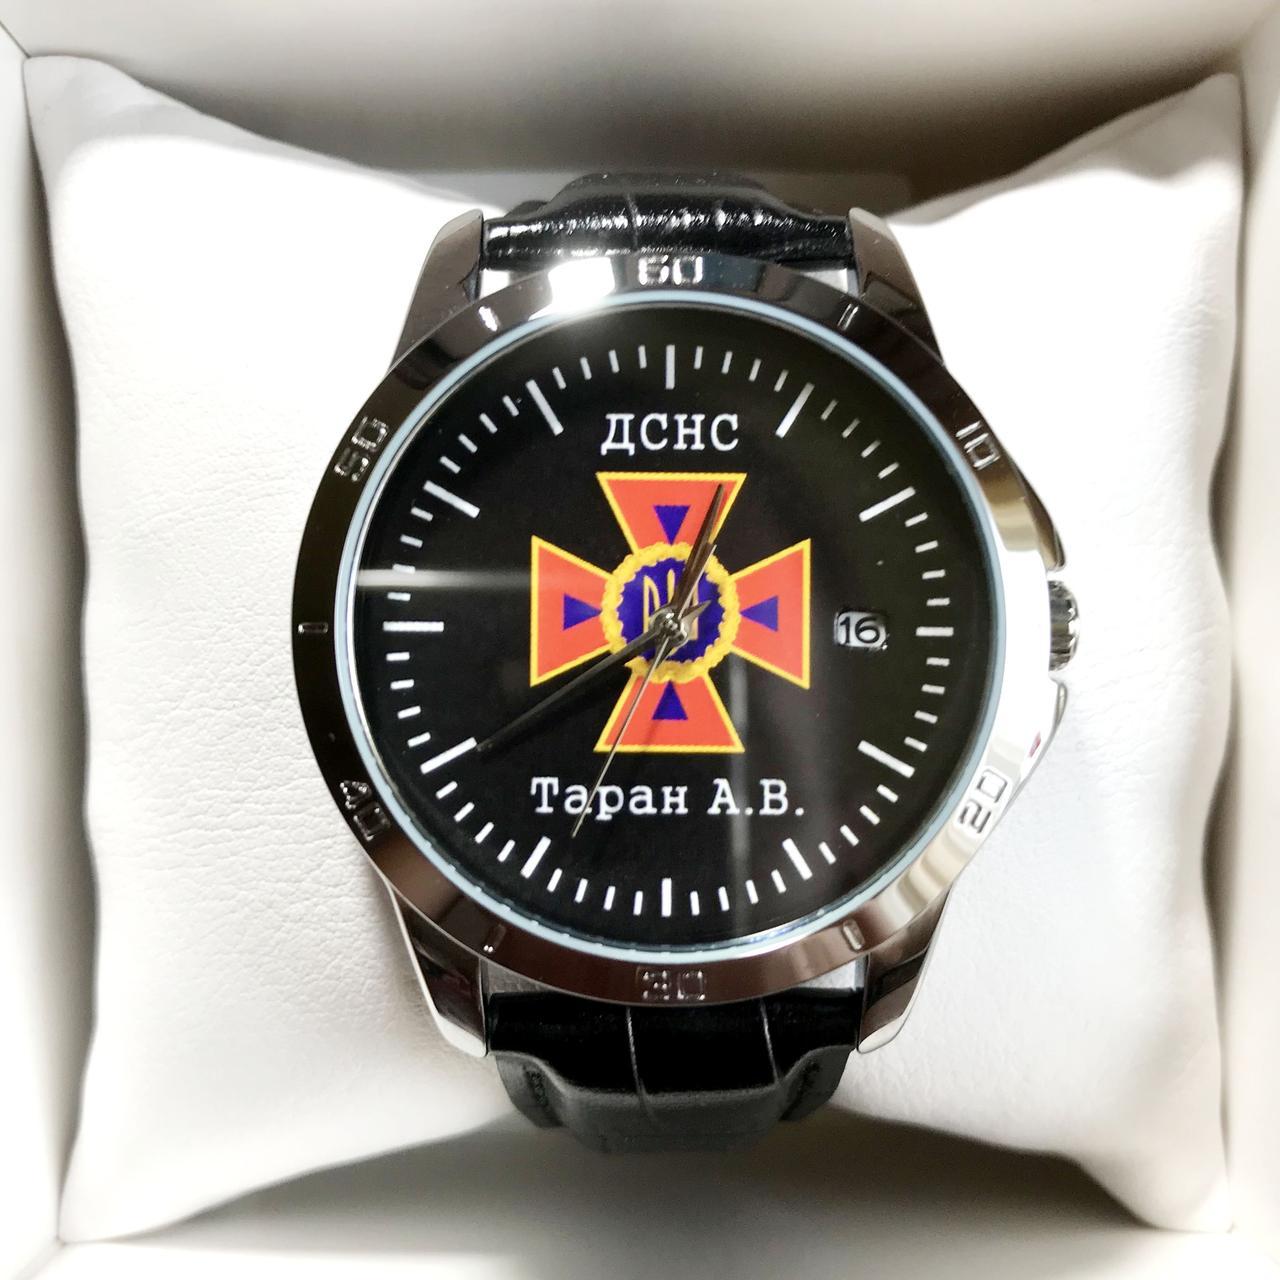 Часы наручные Casio с логотипом ДСНС (Державна служба України з надзвичайних ситуацій)